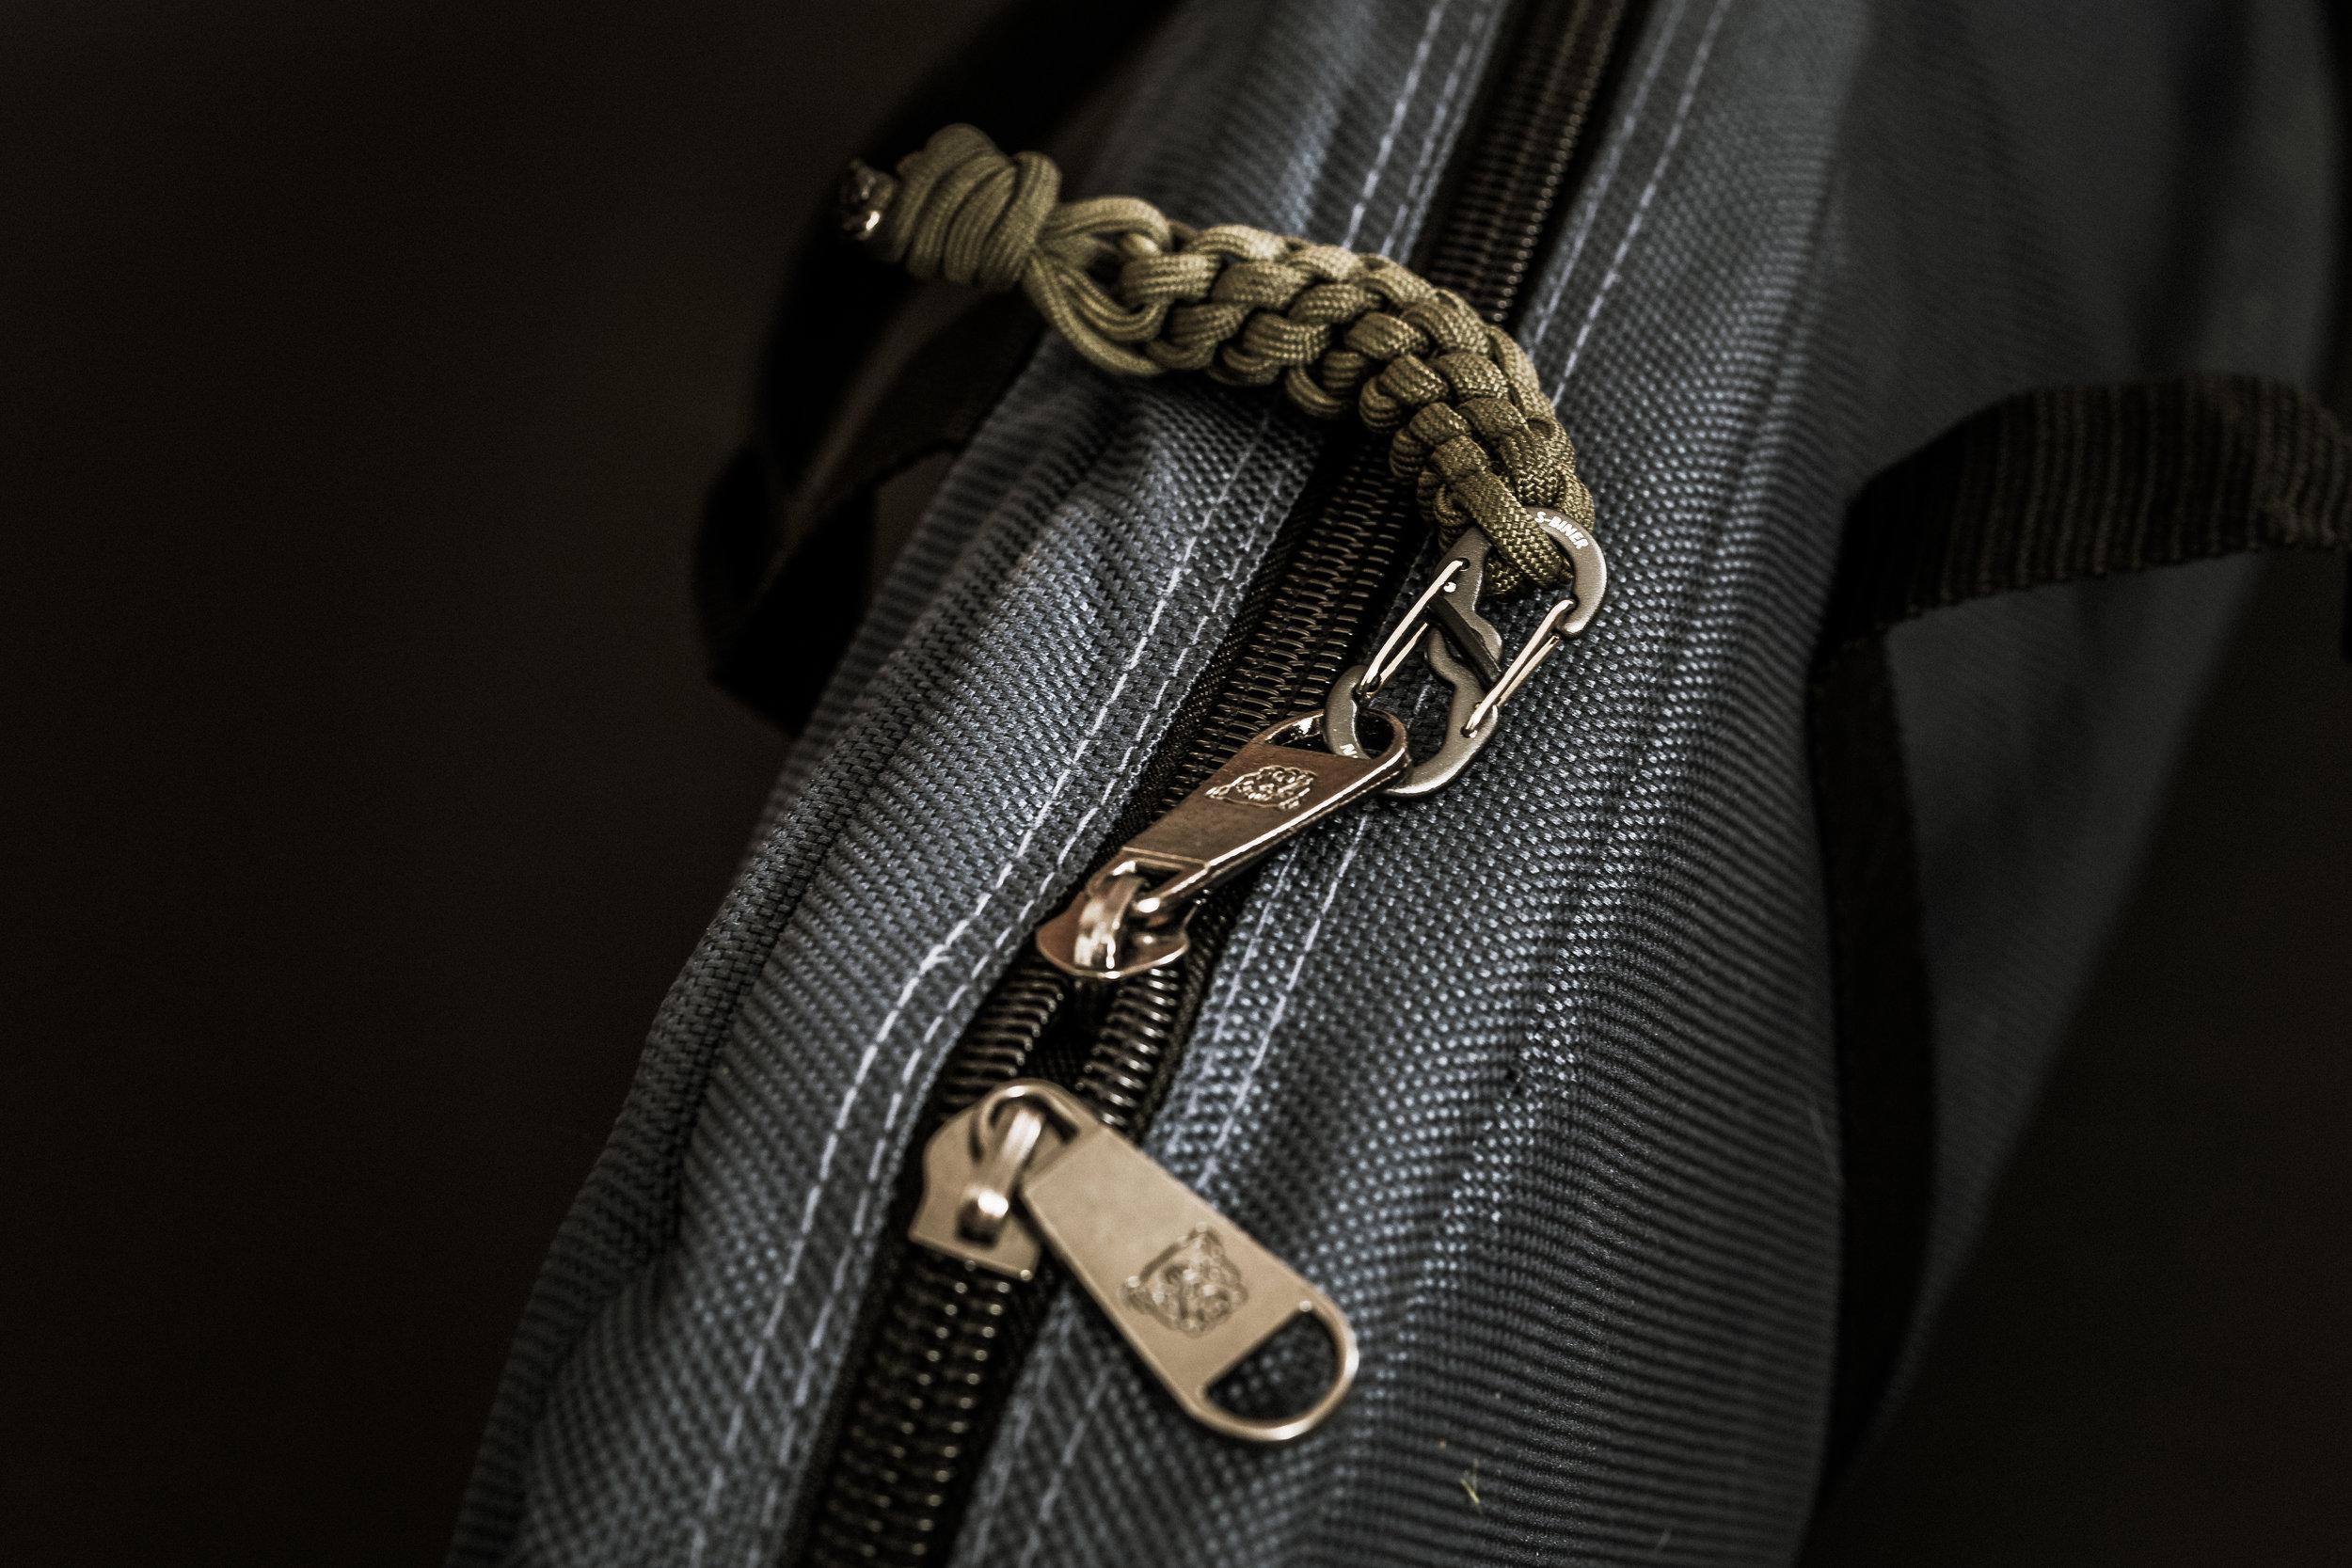 08.15.19 Niteize Zipper Pull-6.jpg